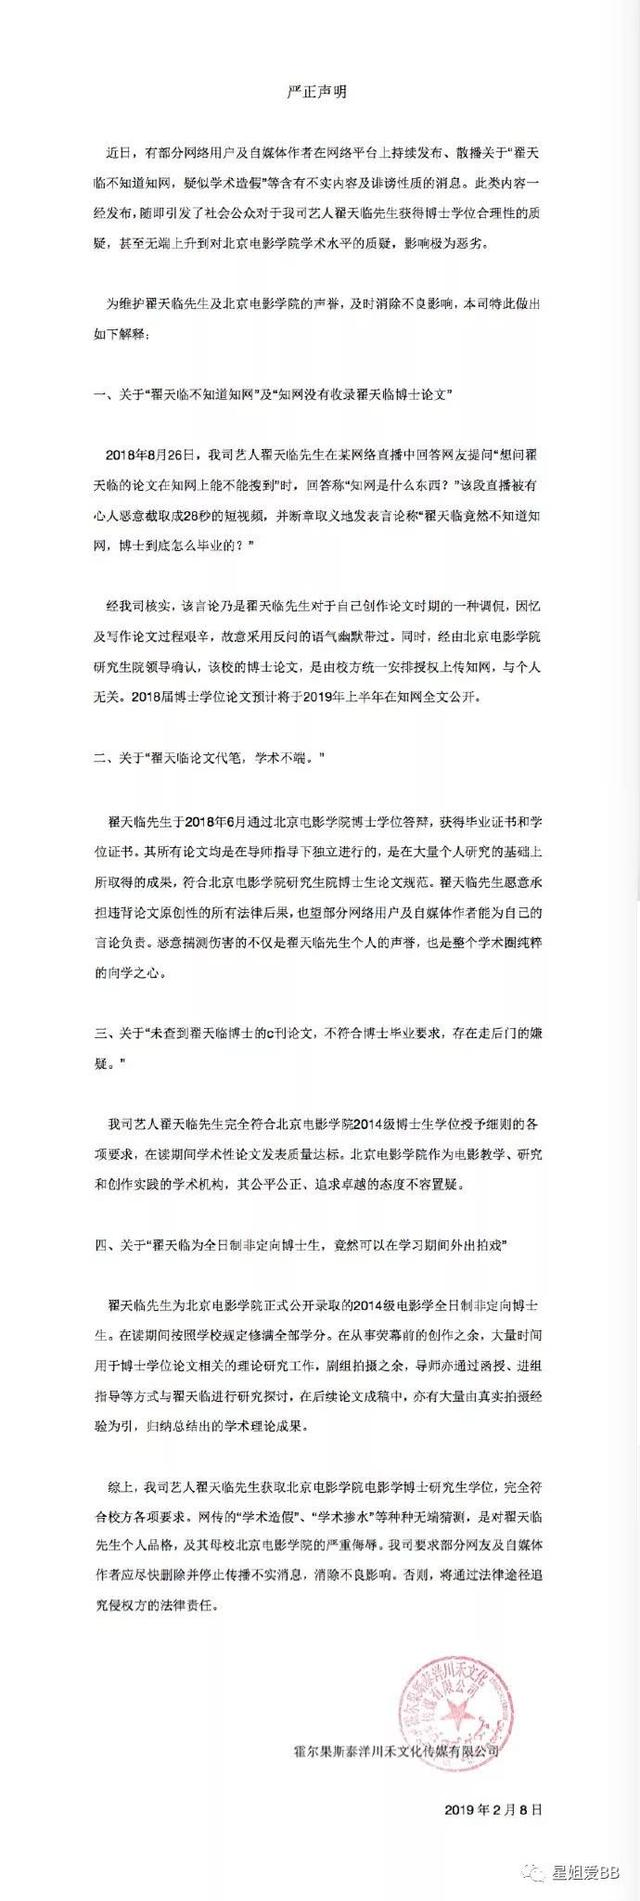 翟天临的这篇博士论文,居然把靳东拖下水了......